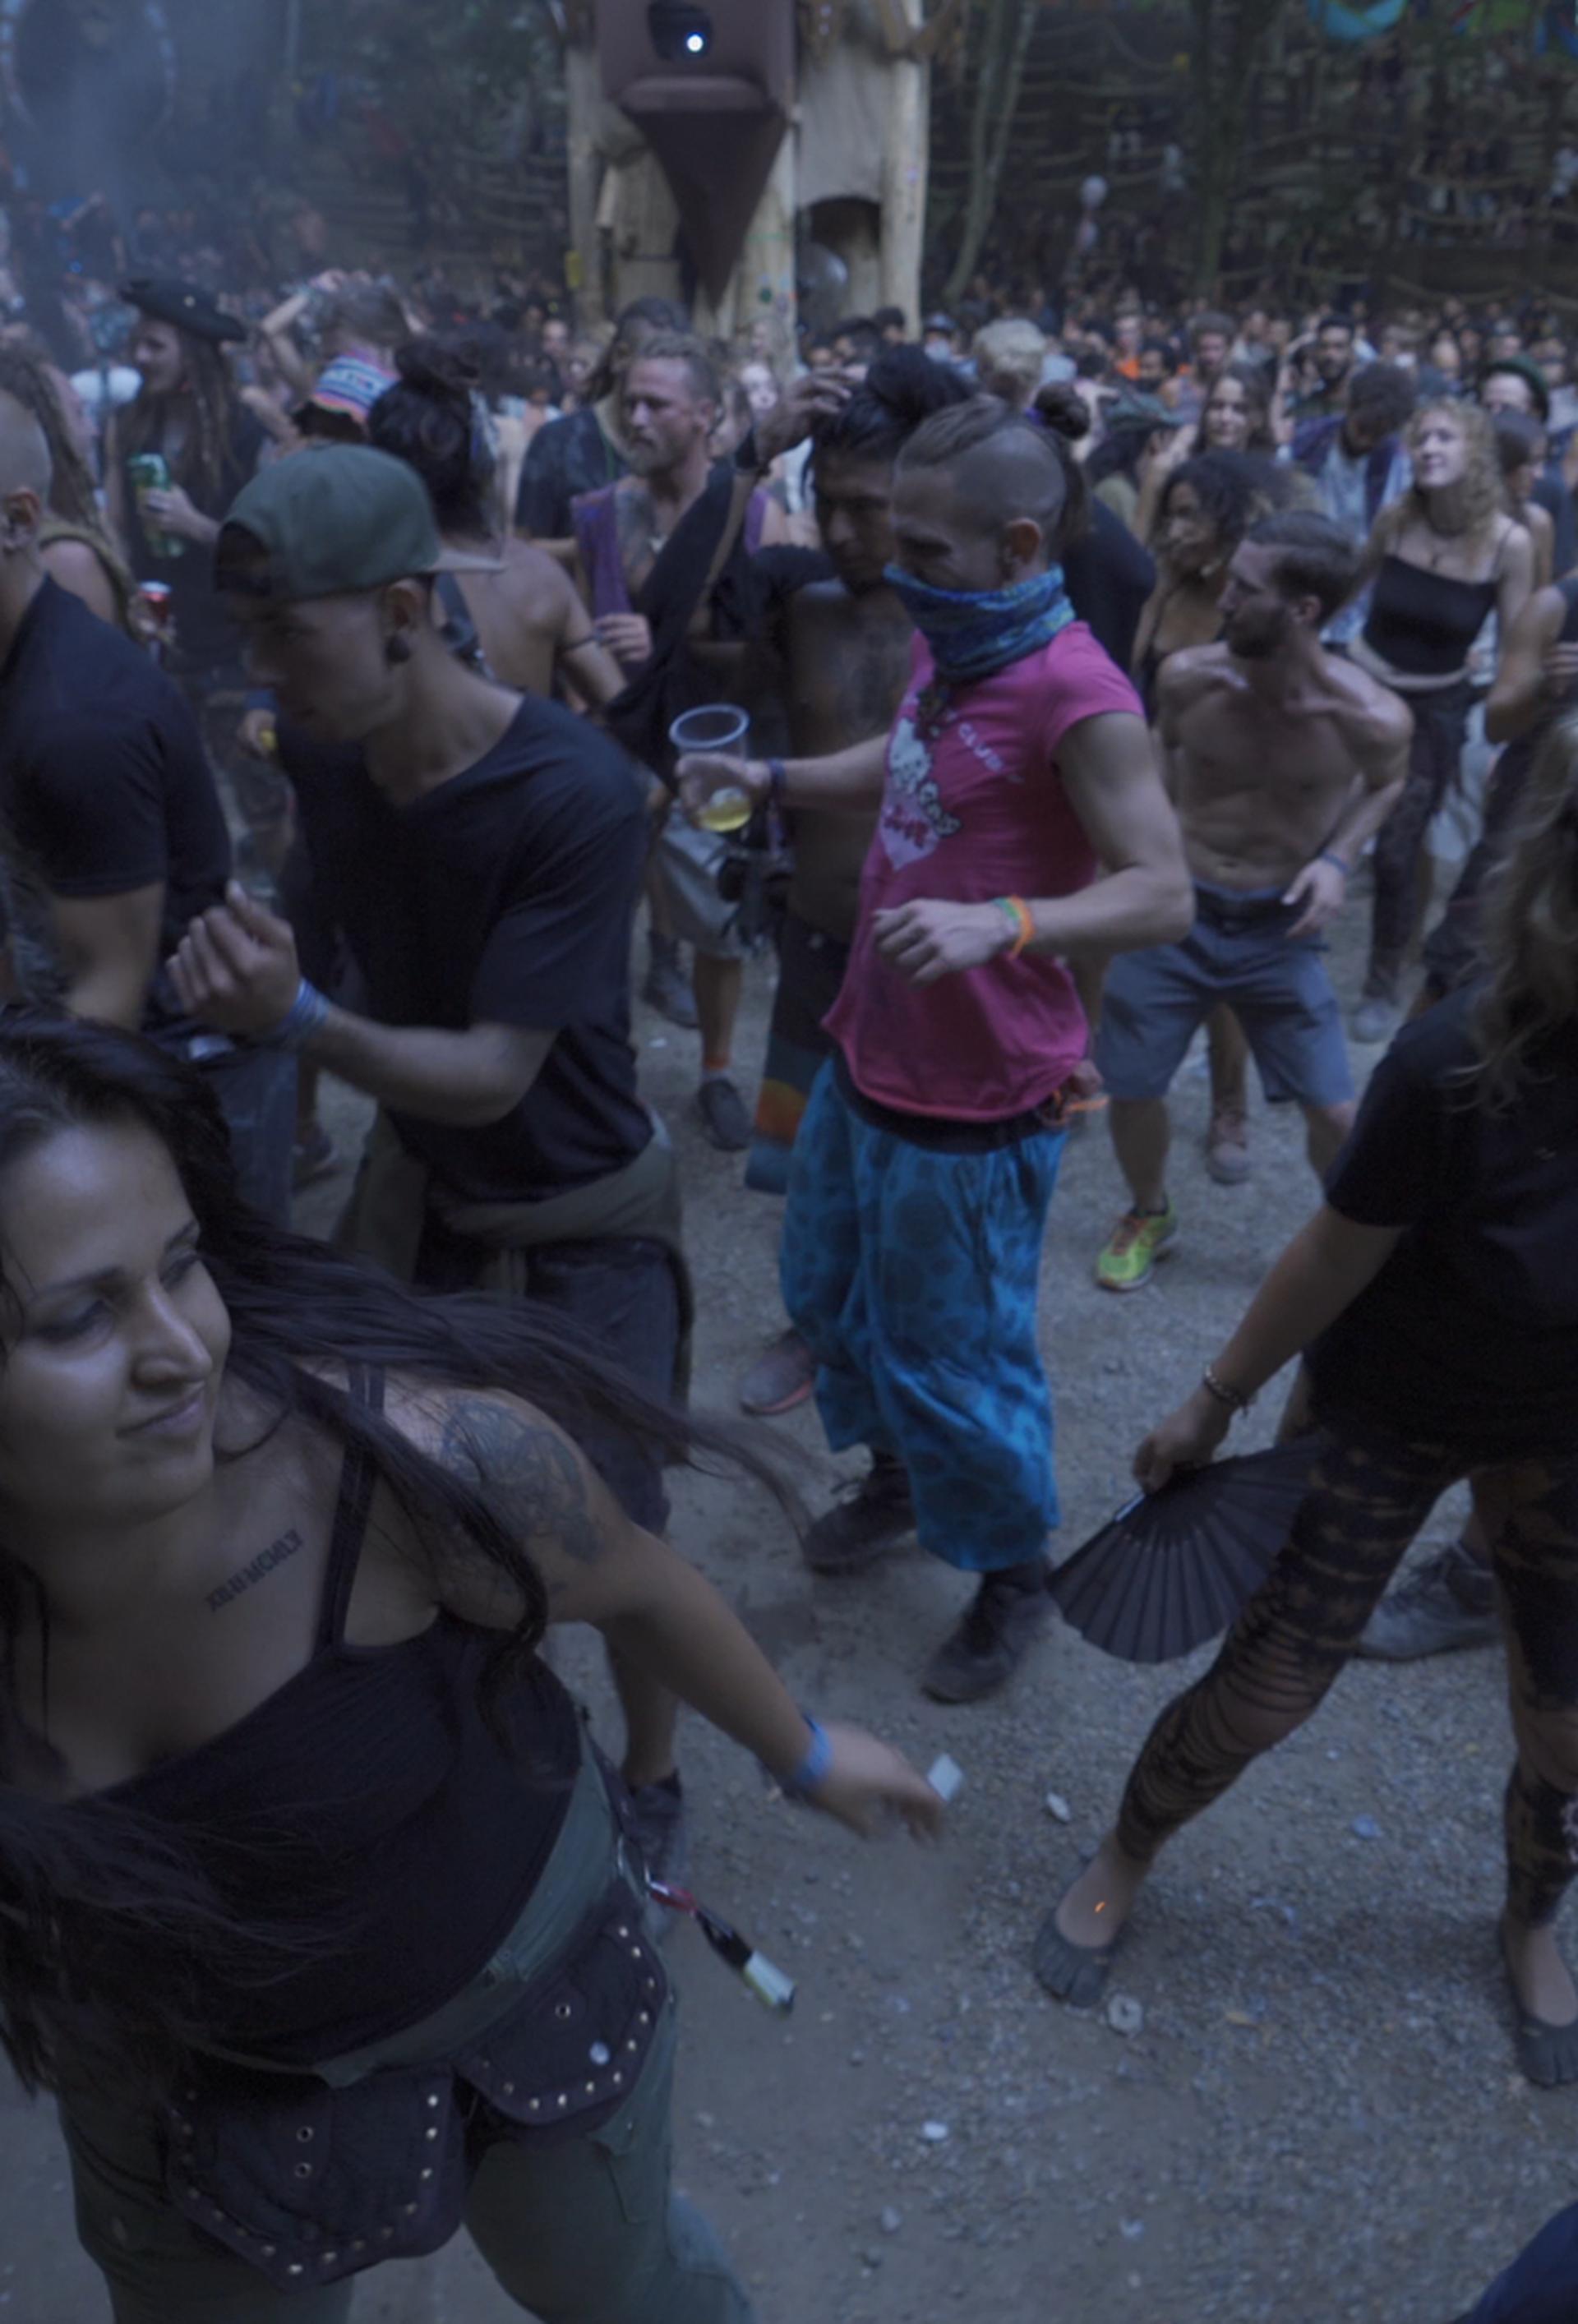 Svećenik na 'trance' festivalu: 'Treba doći među ovu mladost'